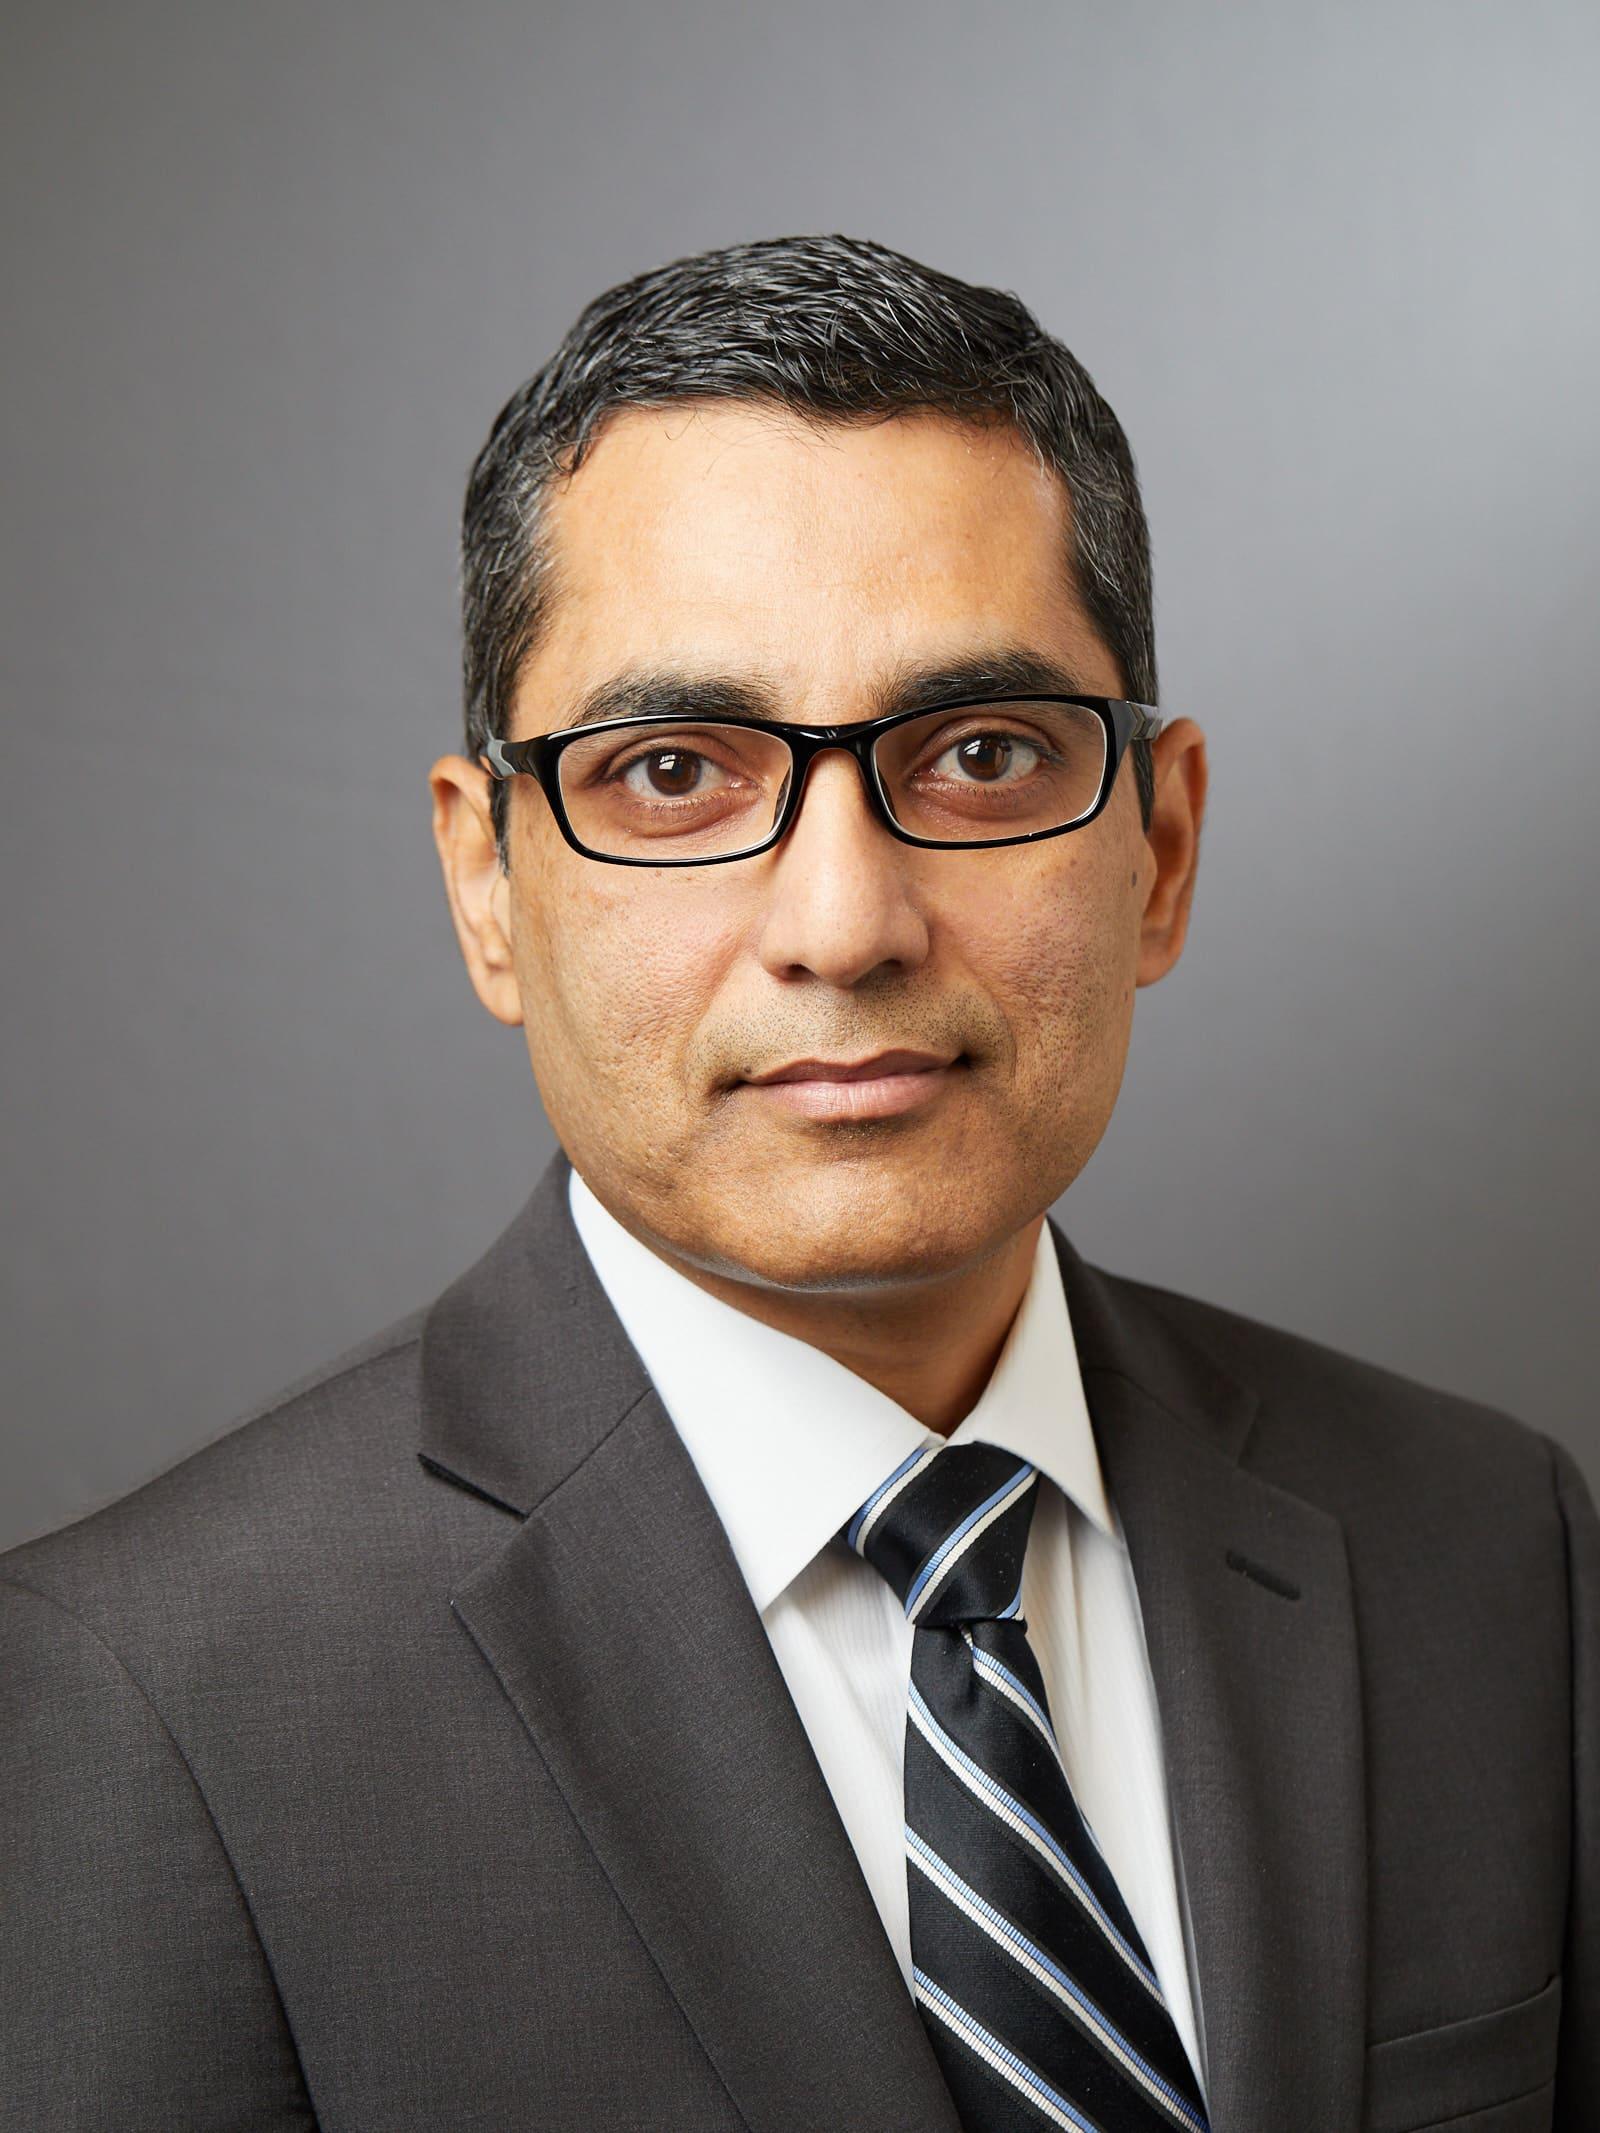 Bilal Hameed